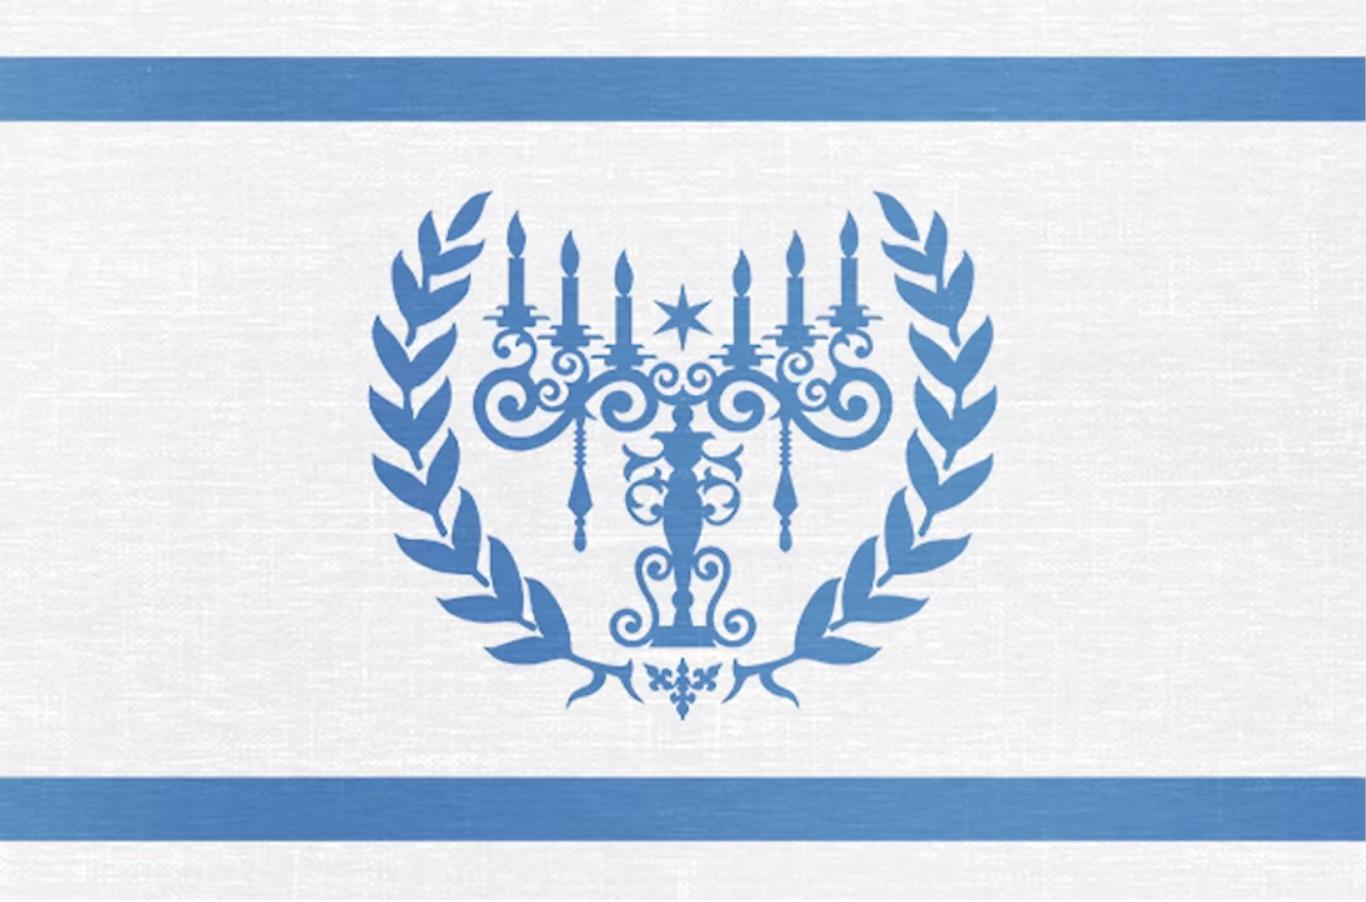 Slane Theocracy | Overlord Wiki | FANDOM powered by Wikia